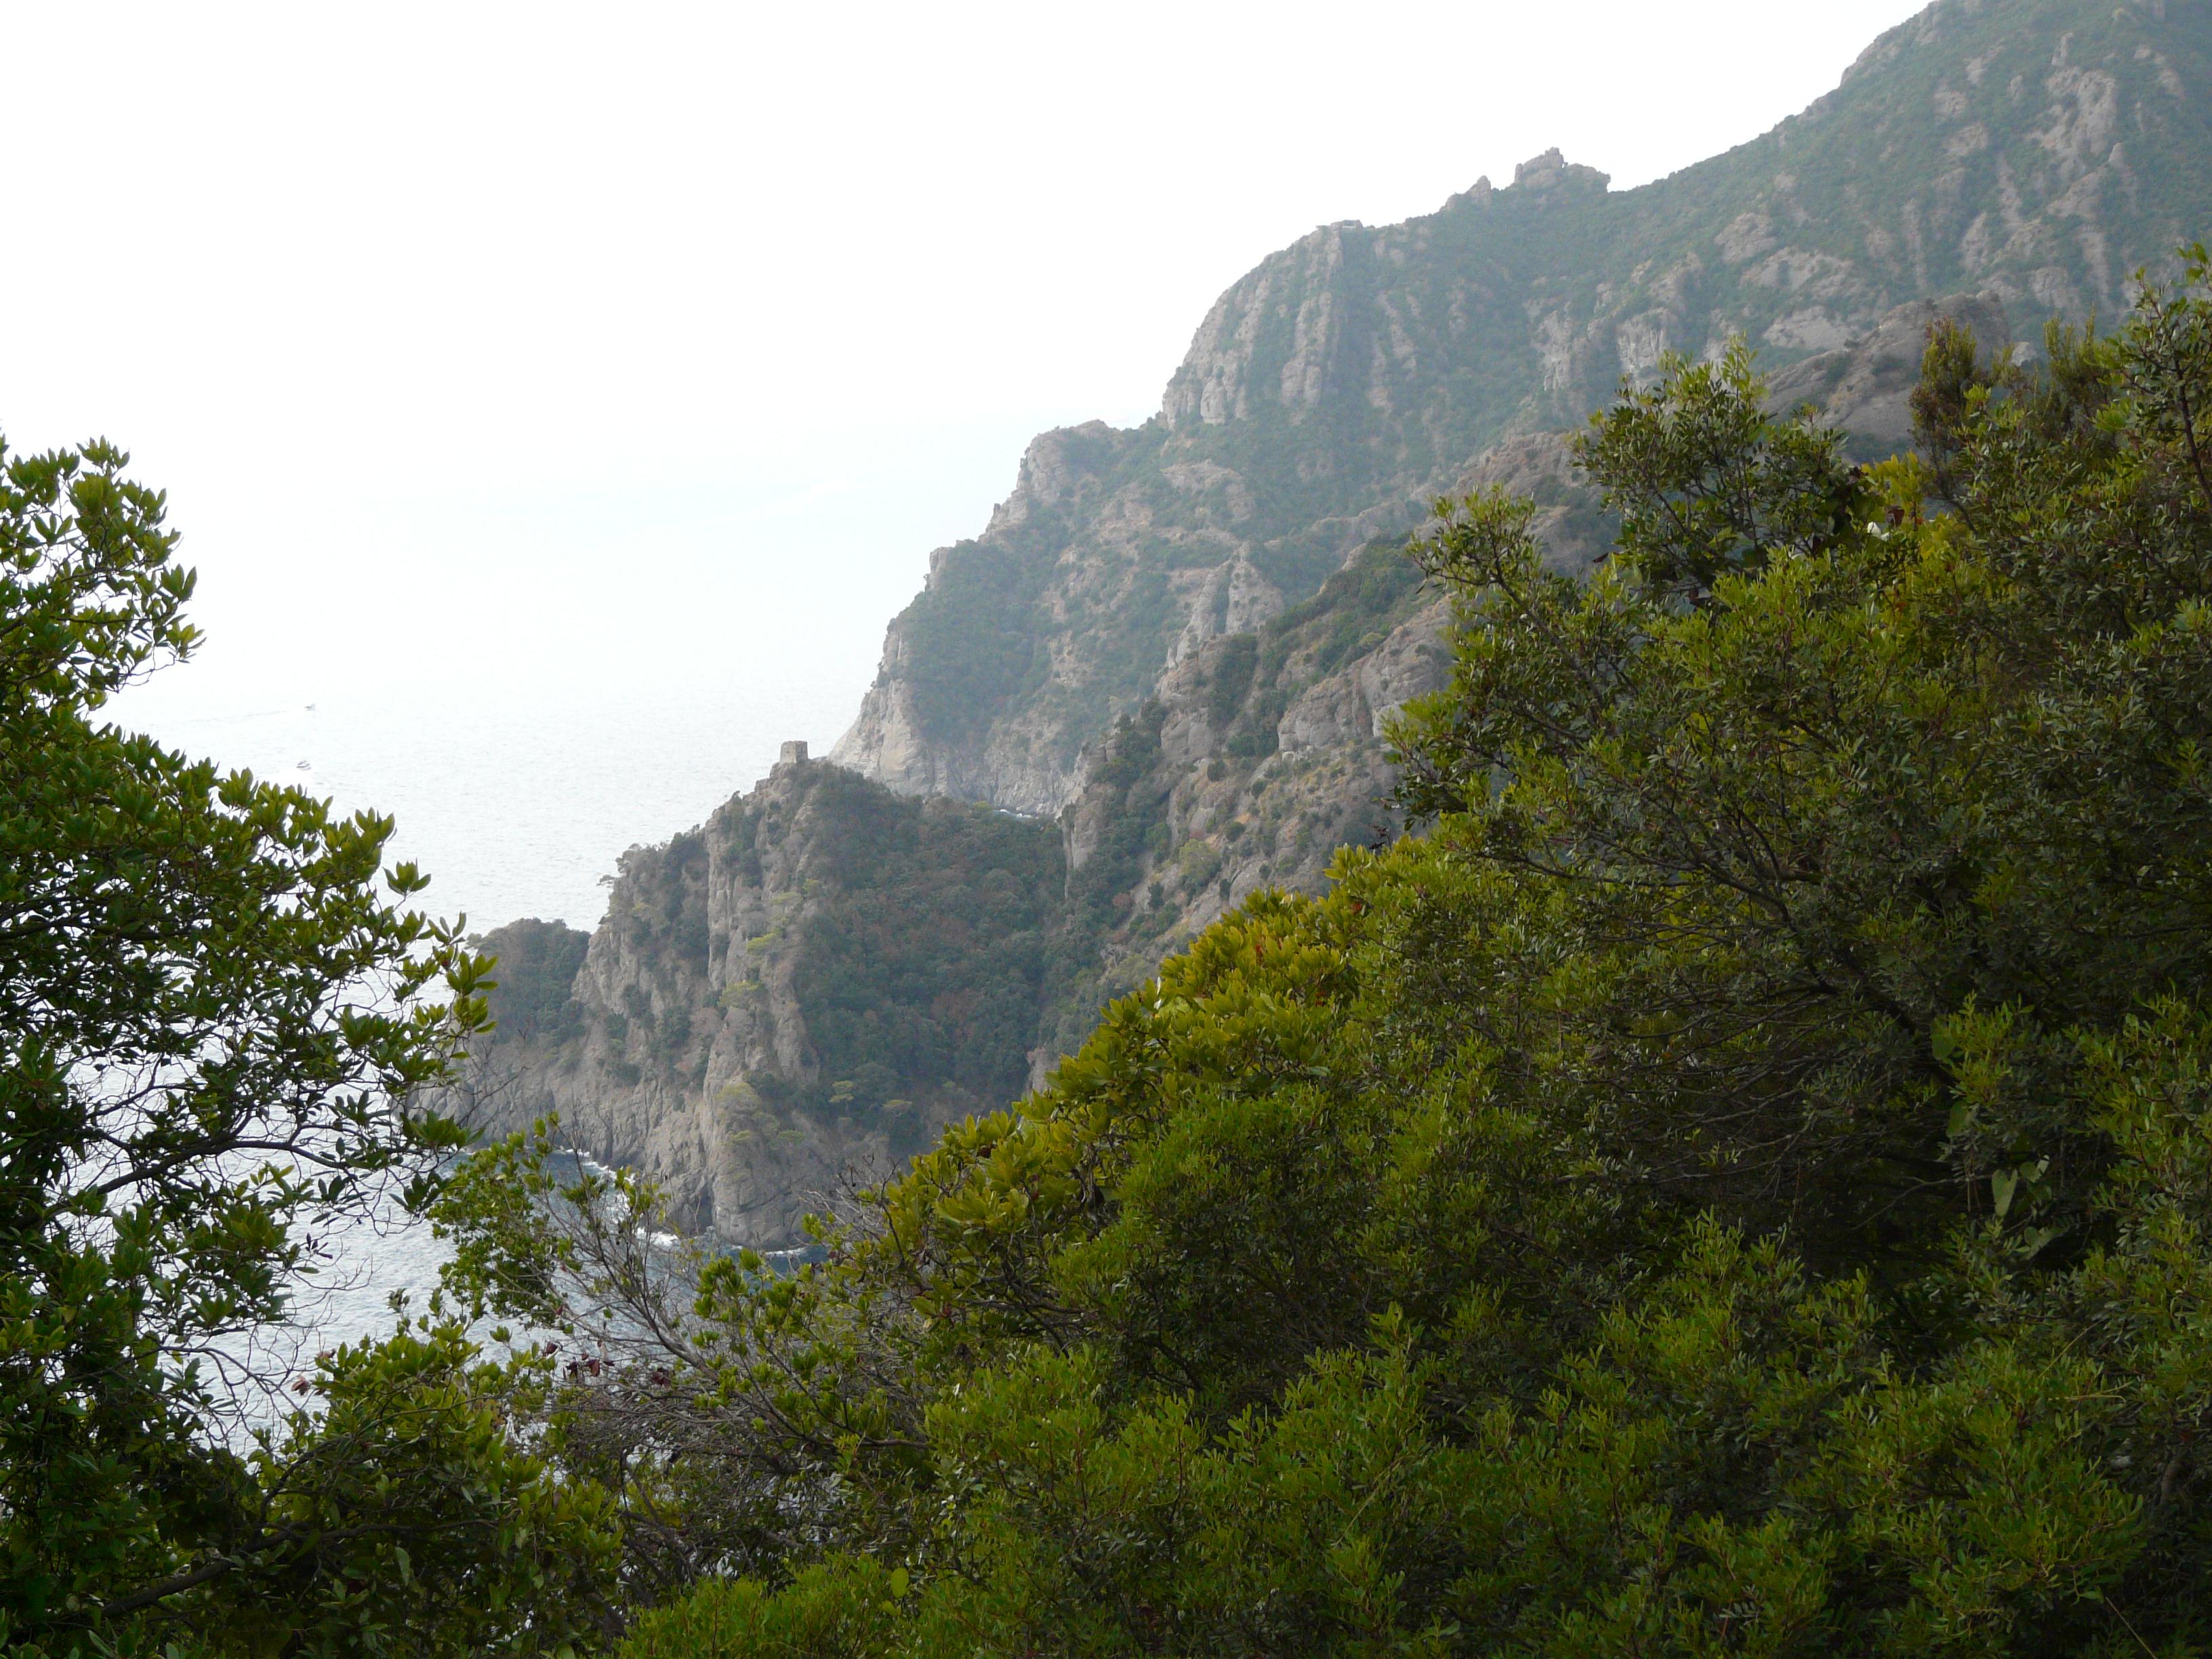 © Dipartimento di Scienze della Vita, Università degli Studi di Trieste<br>by Andrea Moro<br>Comune di Portofino, lungo il sentiero per San Fruttuoso, GE, Liguria, Italia, 08/09/2009<br>Distributed under CC-BY-SA 4.0 license.